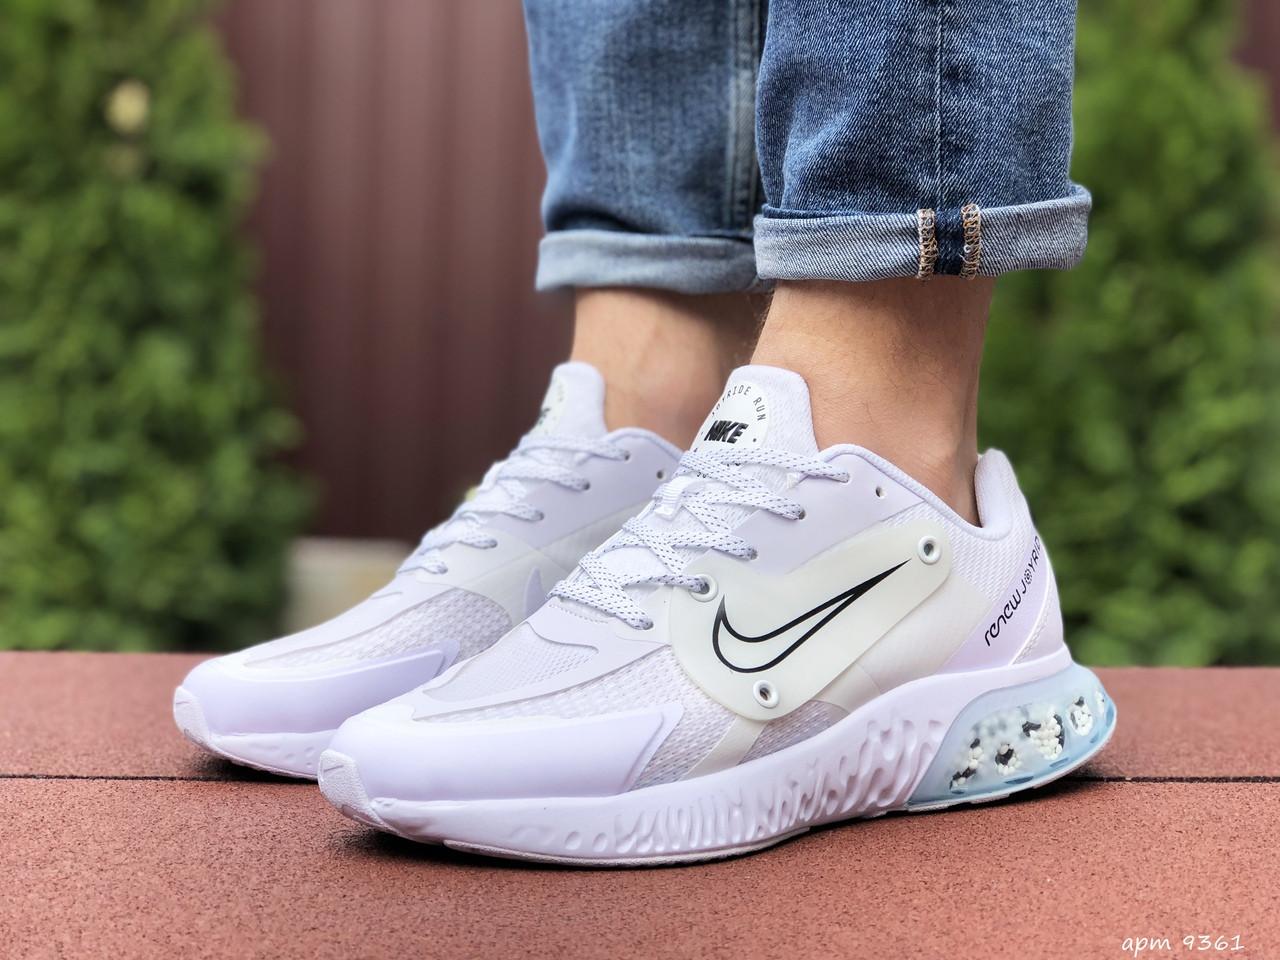 Мужские кроссовки Nike Joyride Run Flyknit белые / чоловічі кросівки Найк Джойрайд (Топ реплика ААА+)